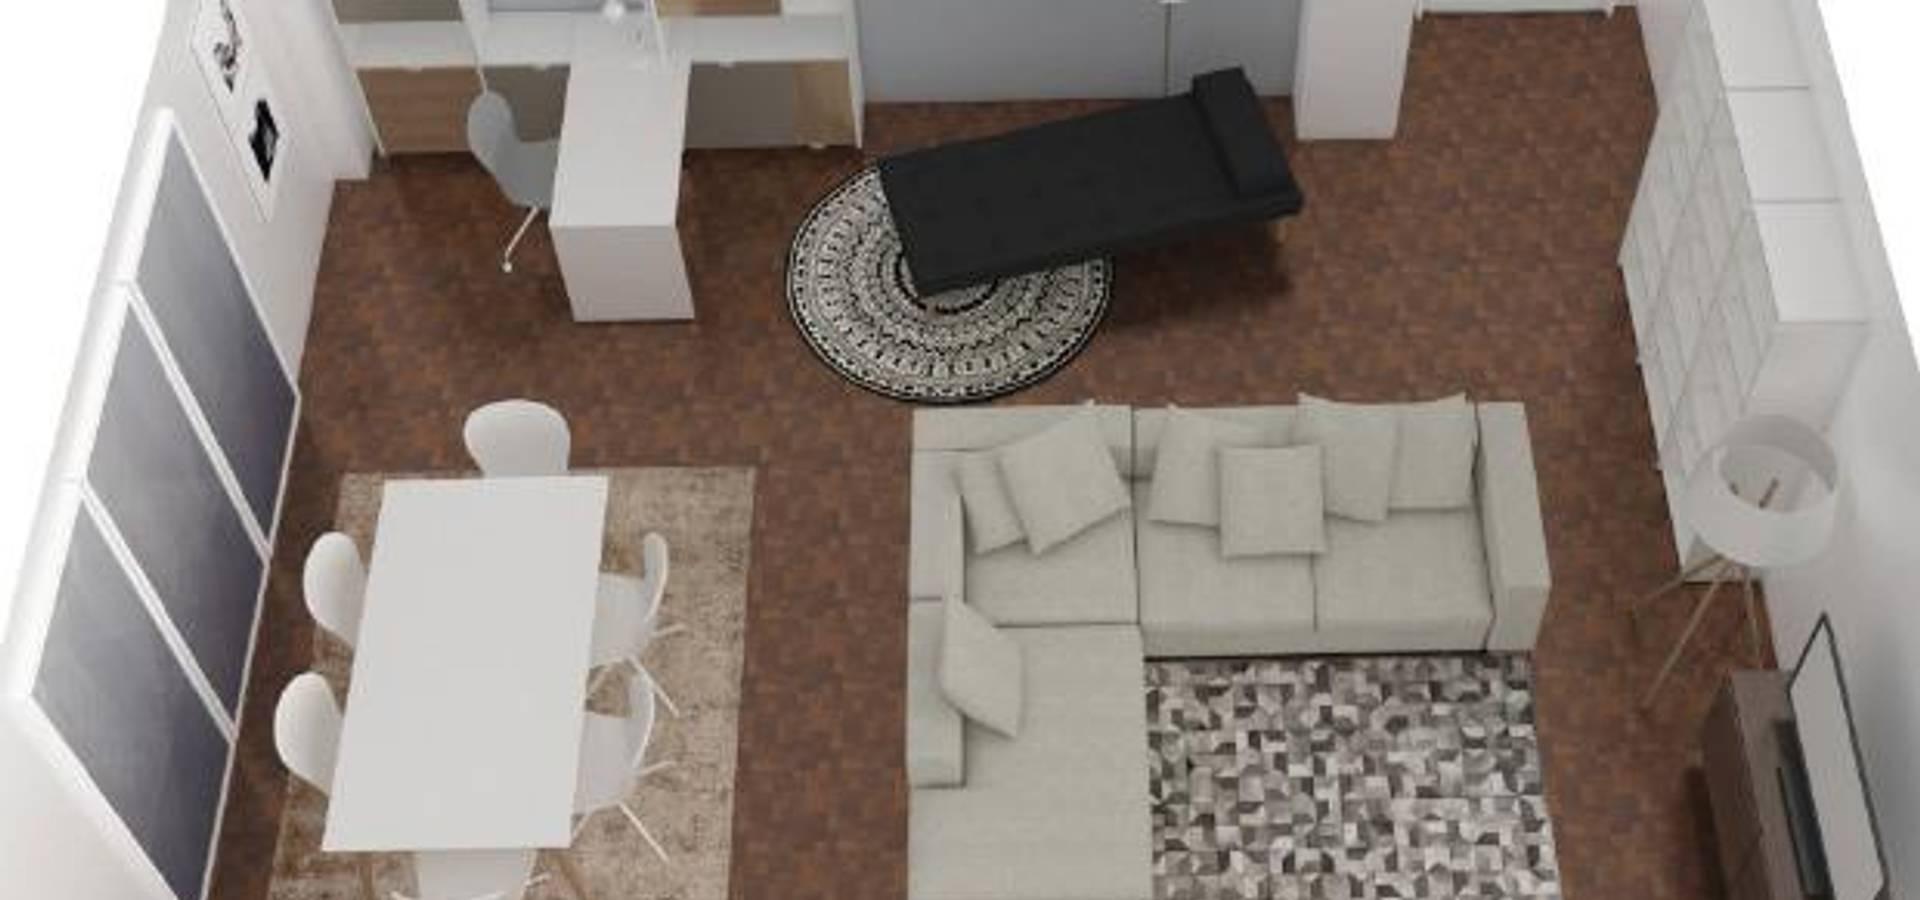 Ana Pacheco—BoConcept Interior Designer